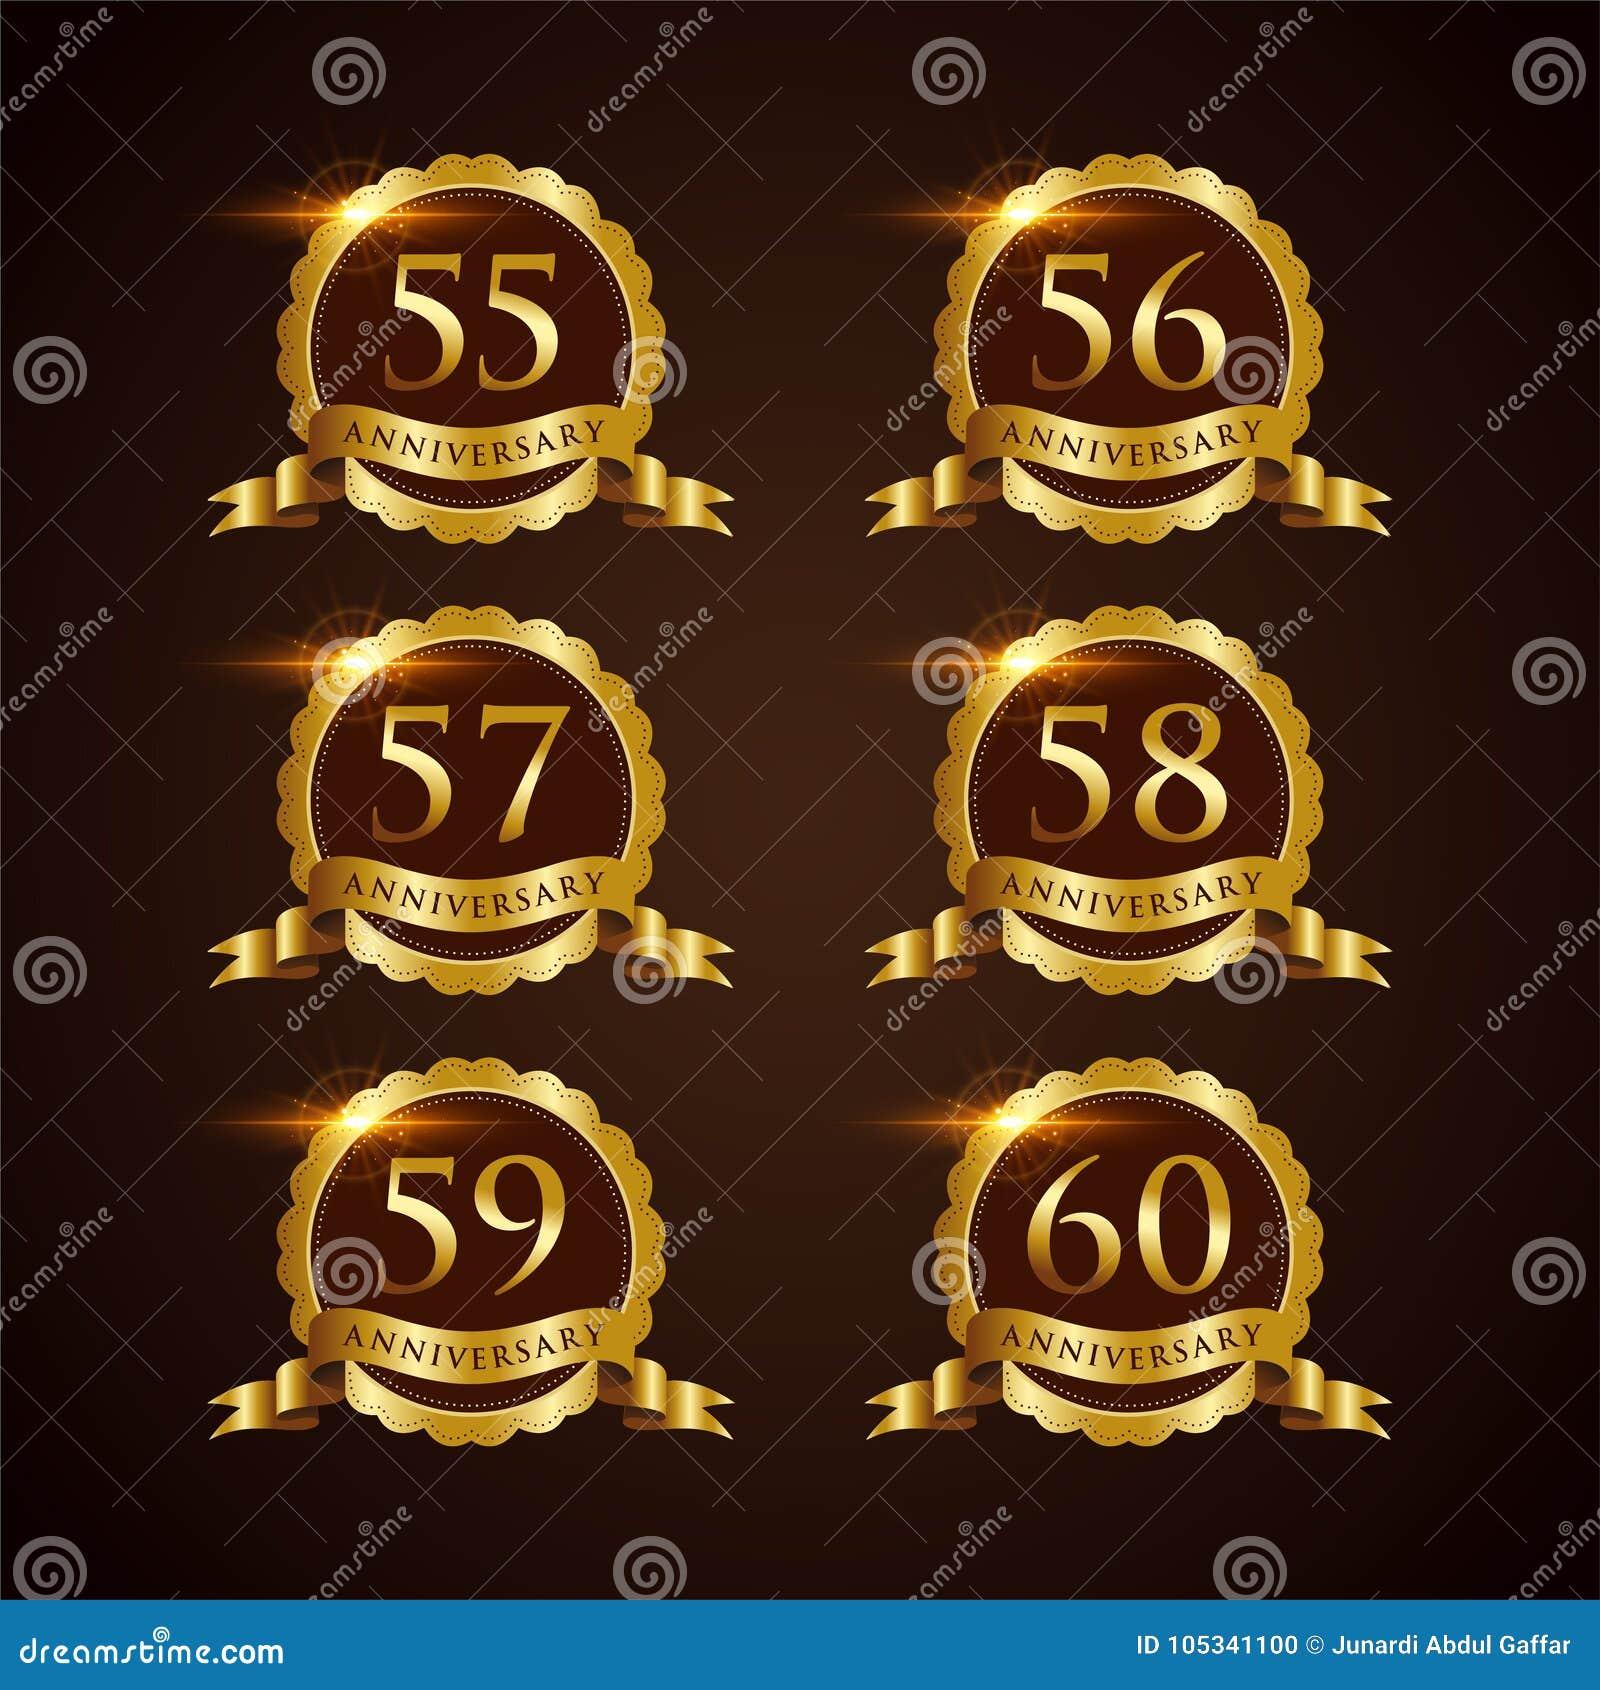 Illustrateur de luxe ENV de vecteur de l anniversaire 55-60 d insigne 10